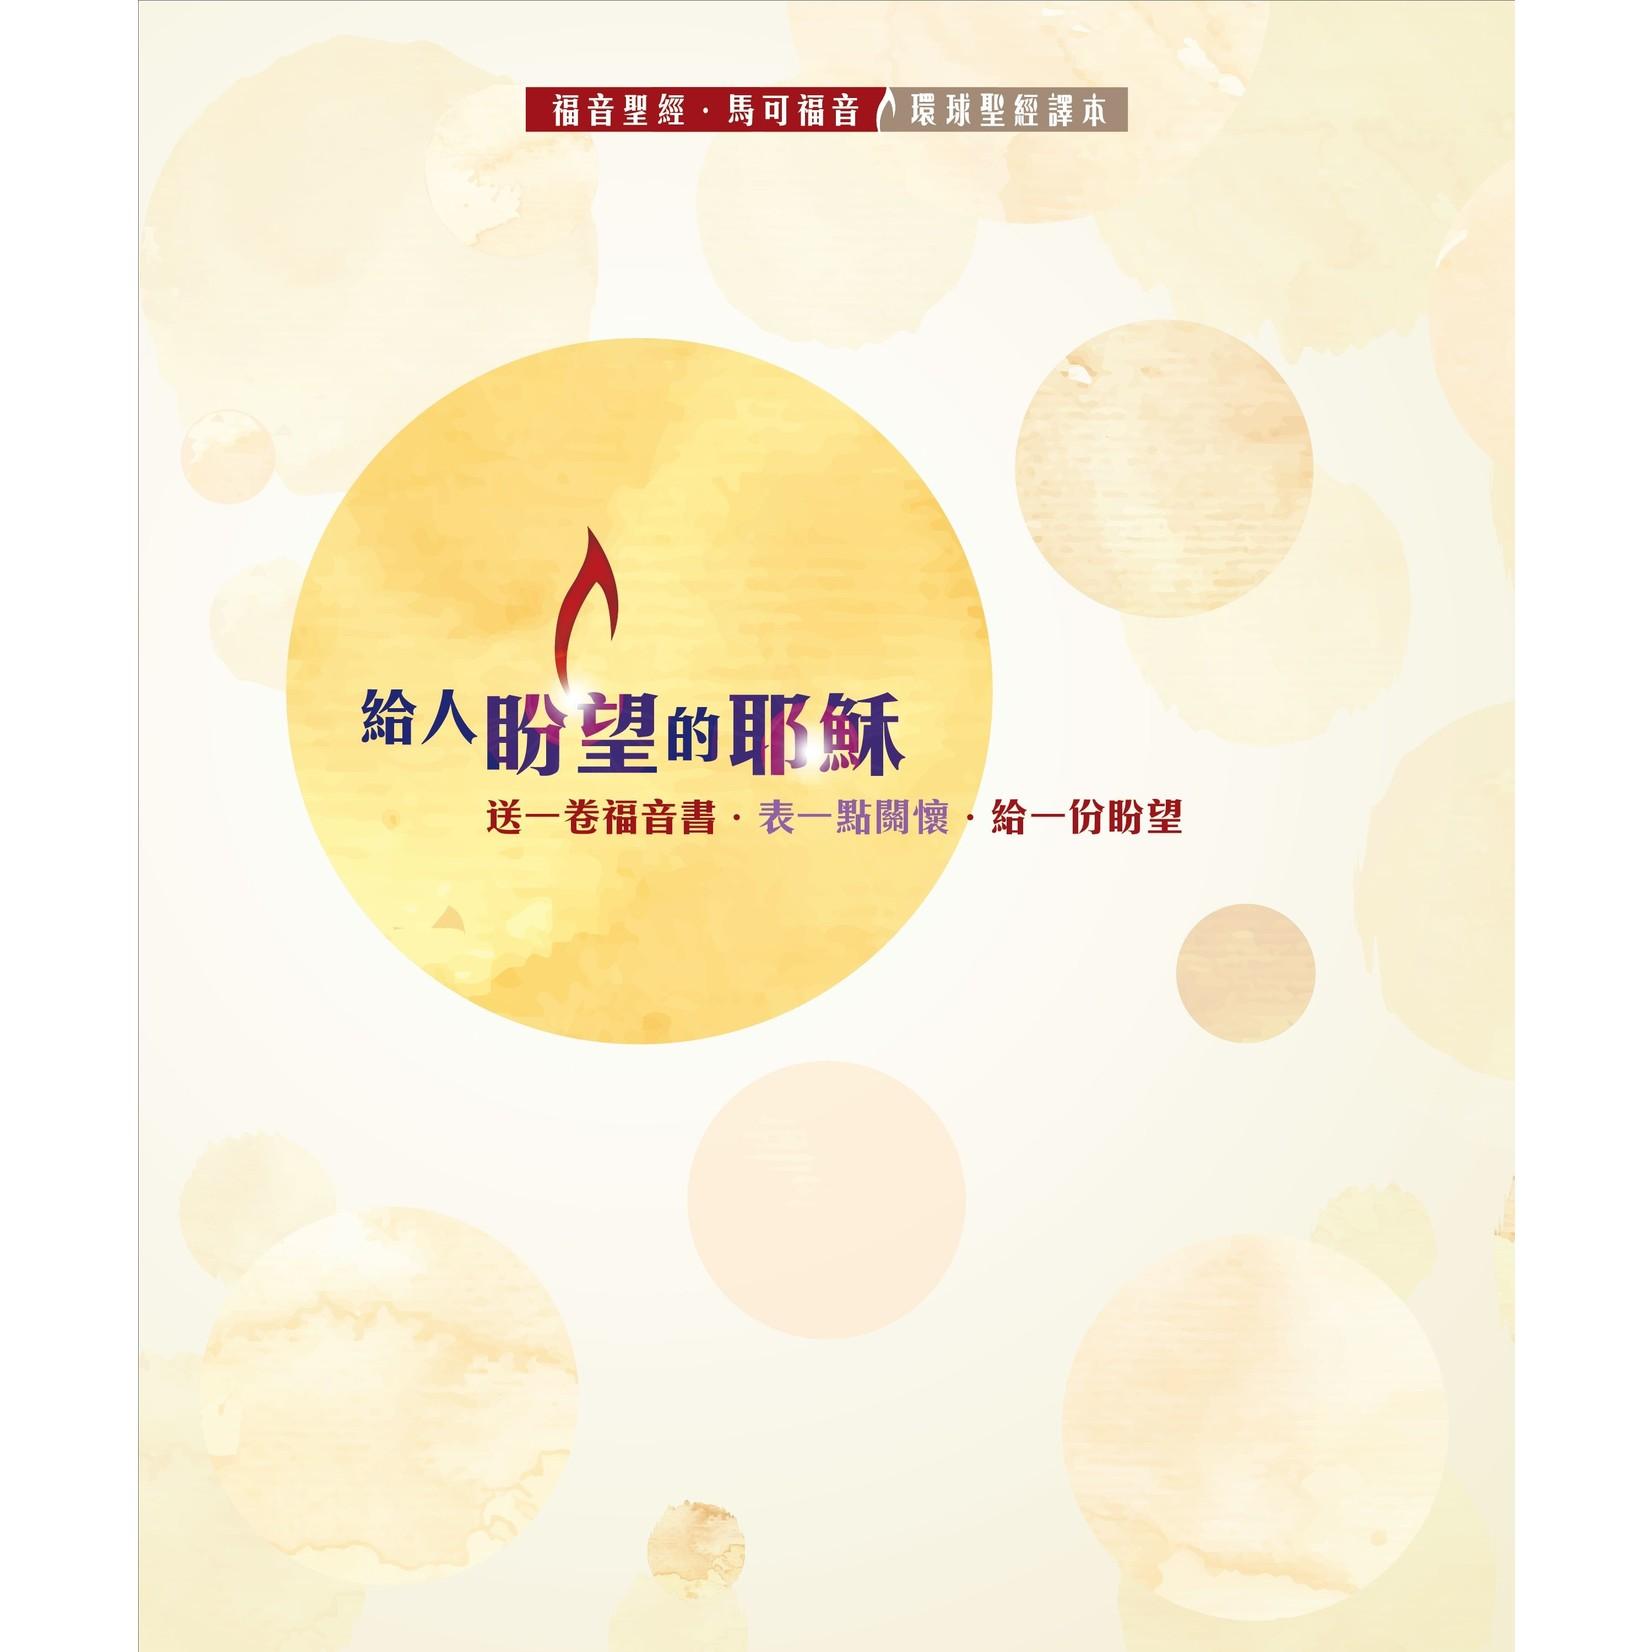 環球聖經公會 The Worldwide Bible Society 給人盼望的耶穌:福音聖經.馬可福音(繁體)